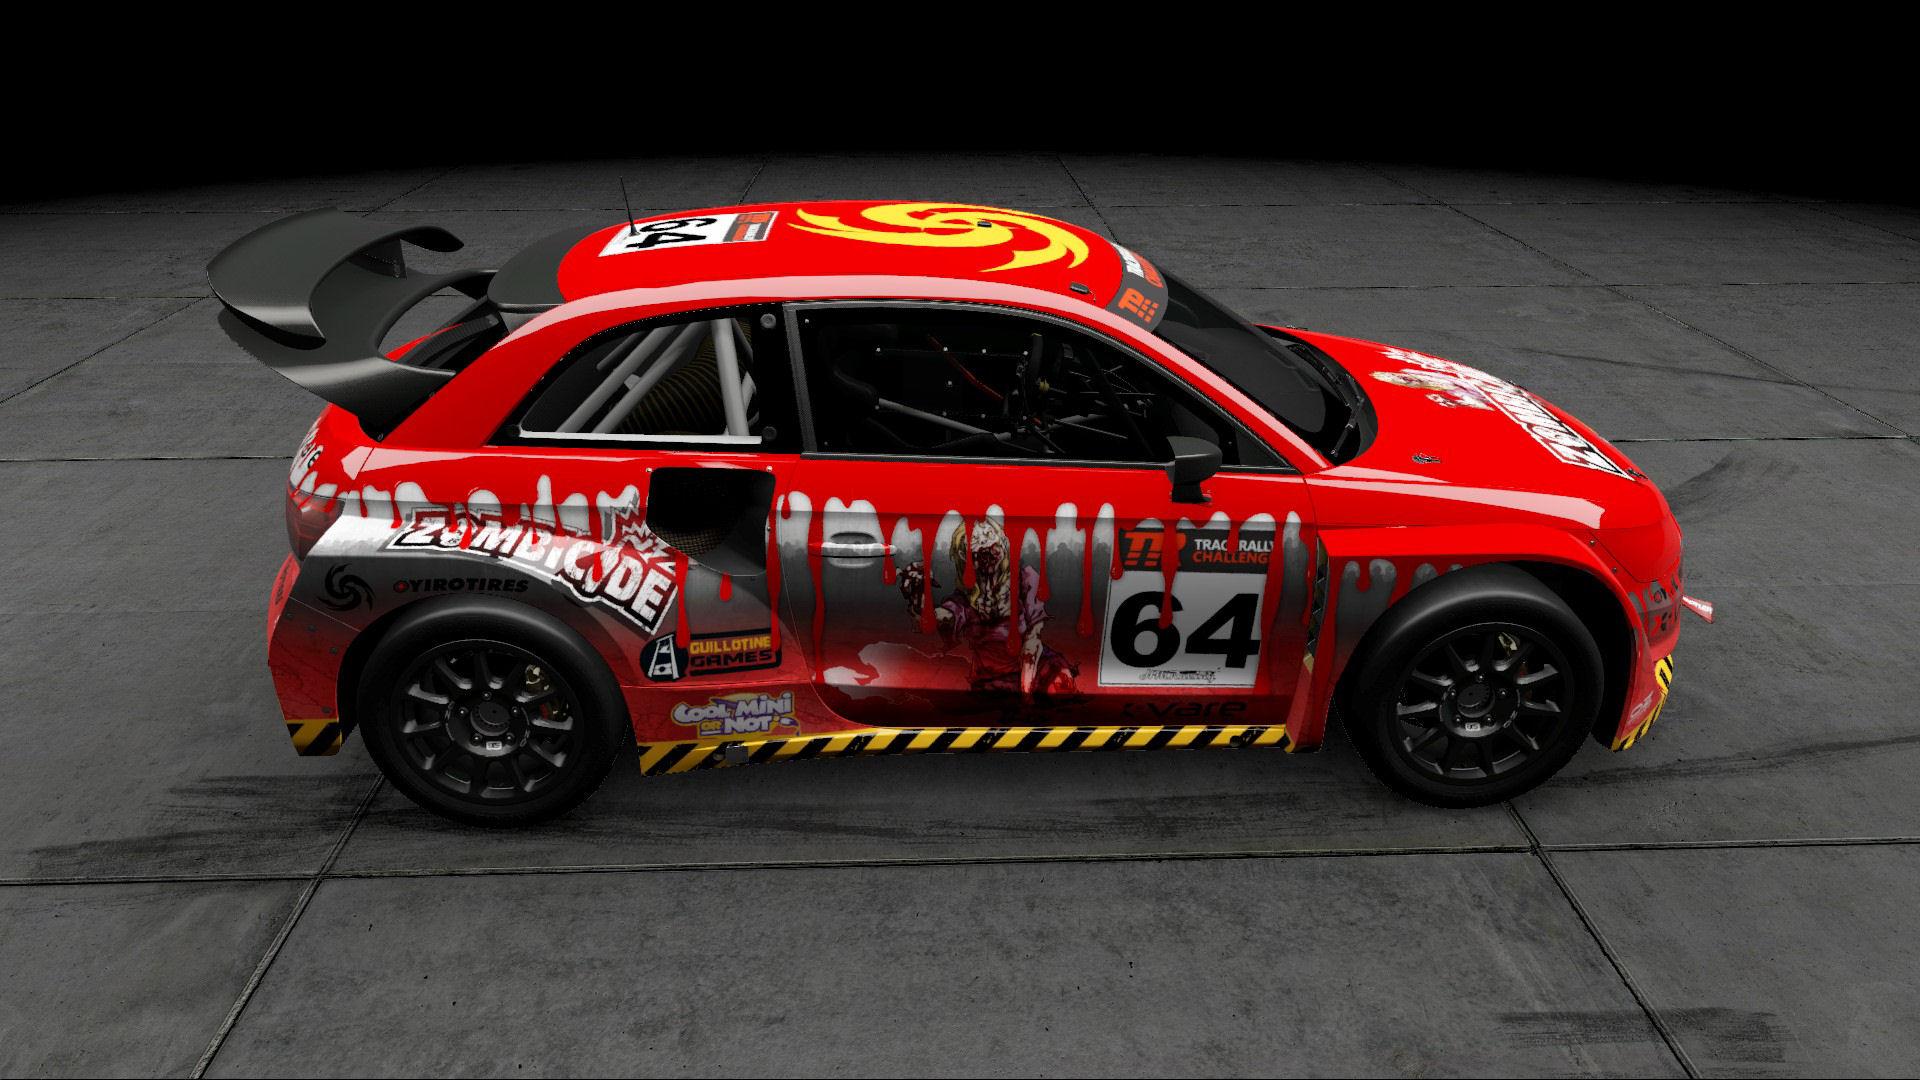 Zombicide Audi s1 eks rx 02.jpg